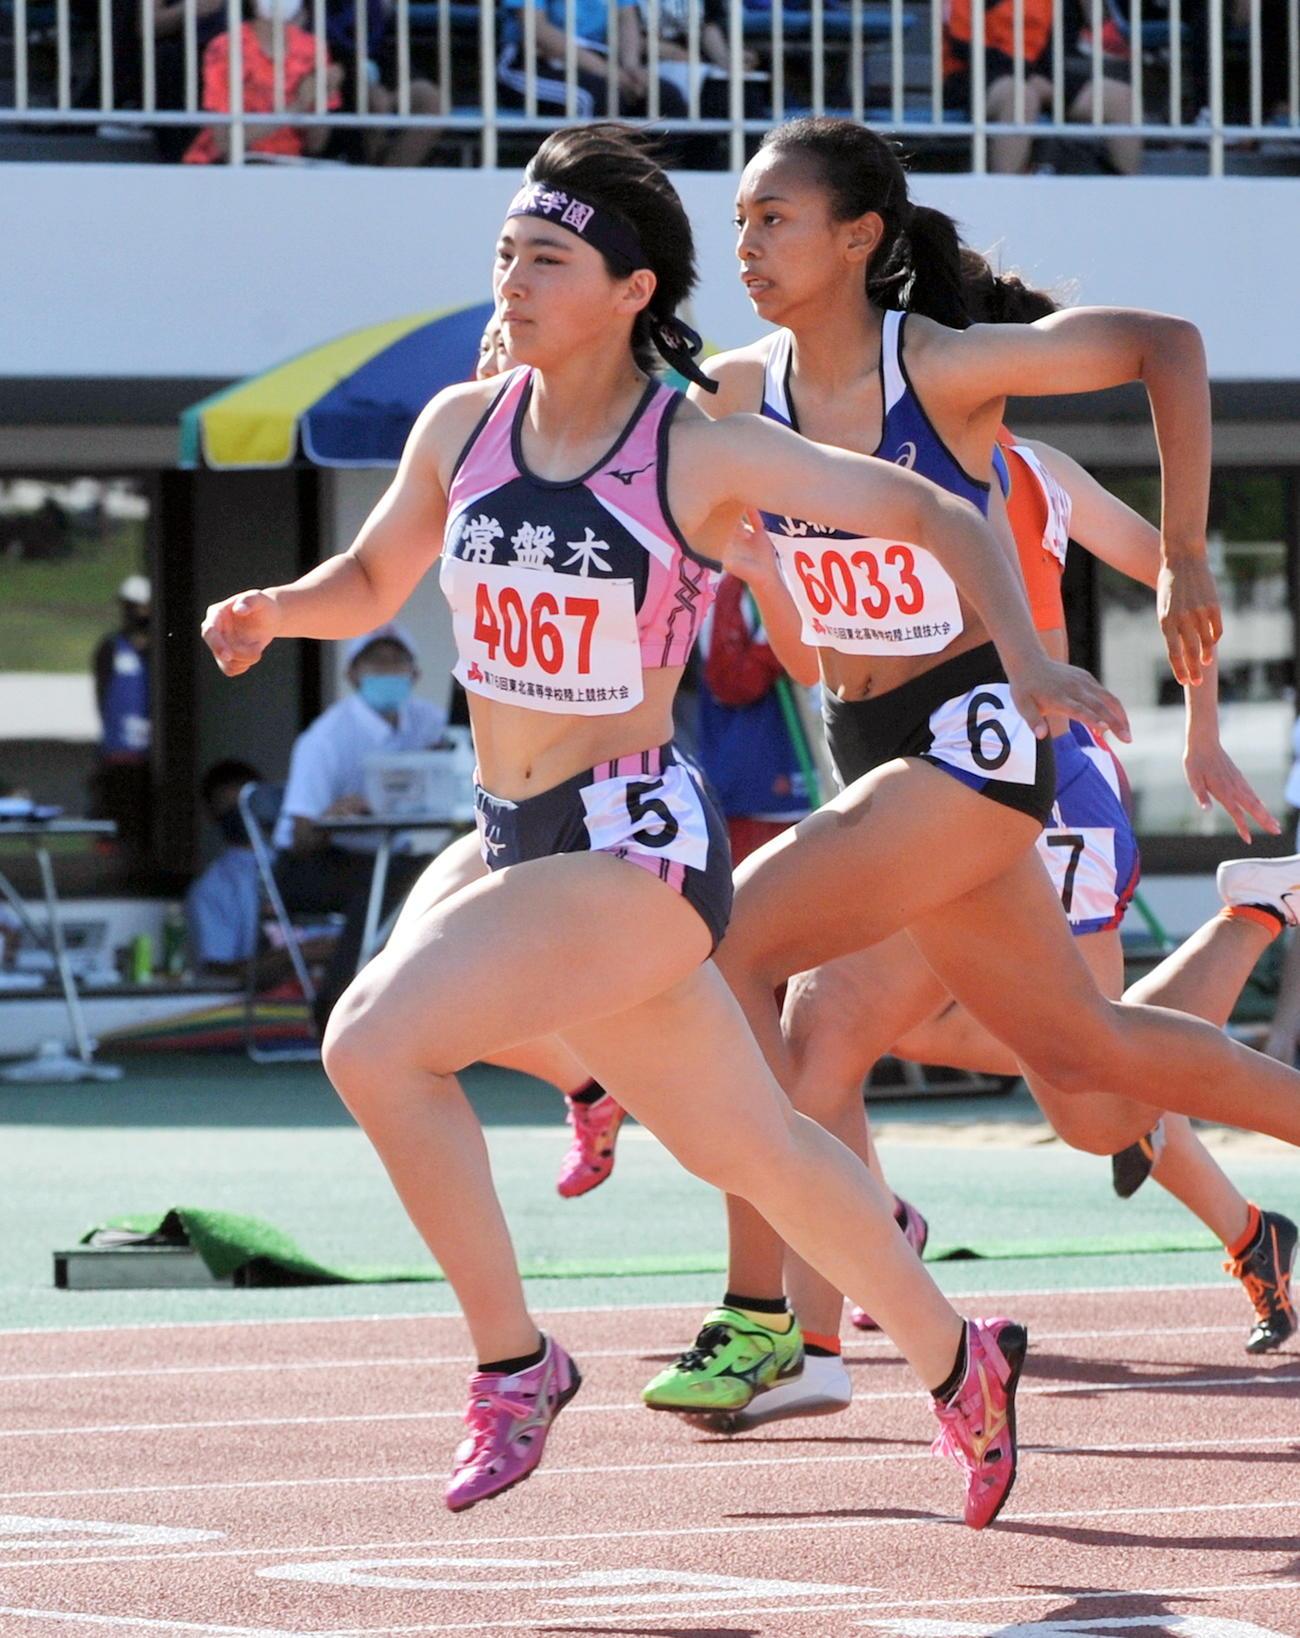 佐藤美は東北高校選手権・女子100メートル決勝で優勝し4冠獲得のスタートを切る(2021年6月20日撮影)